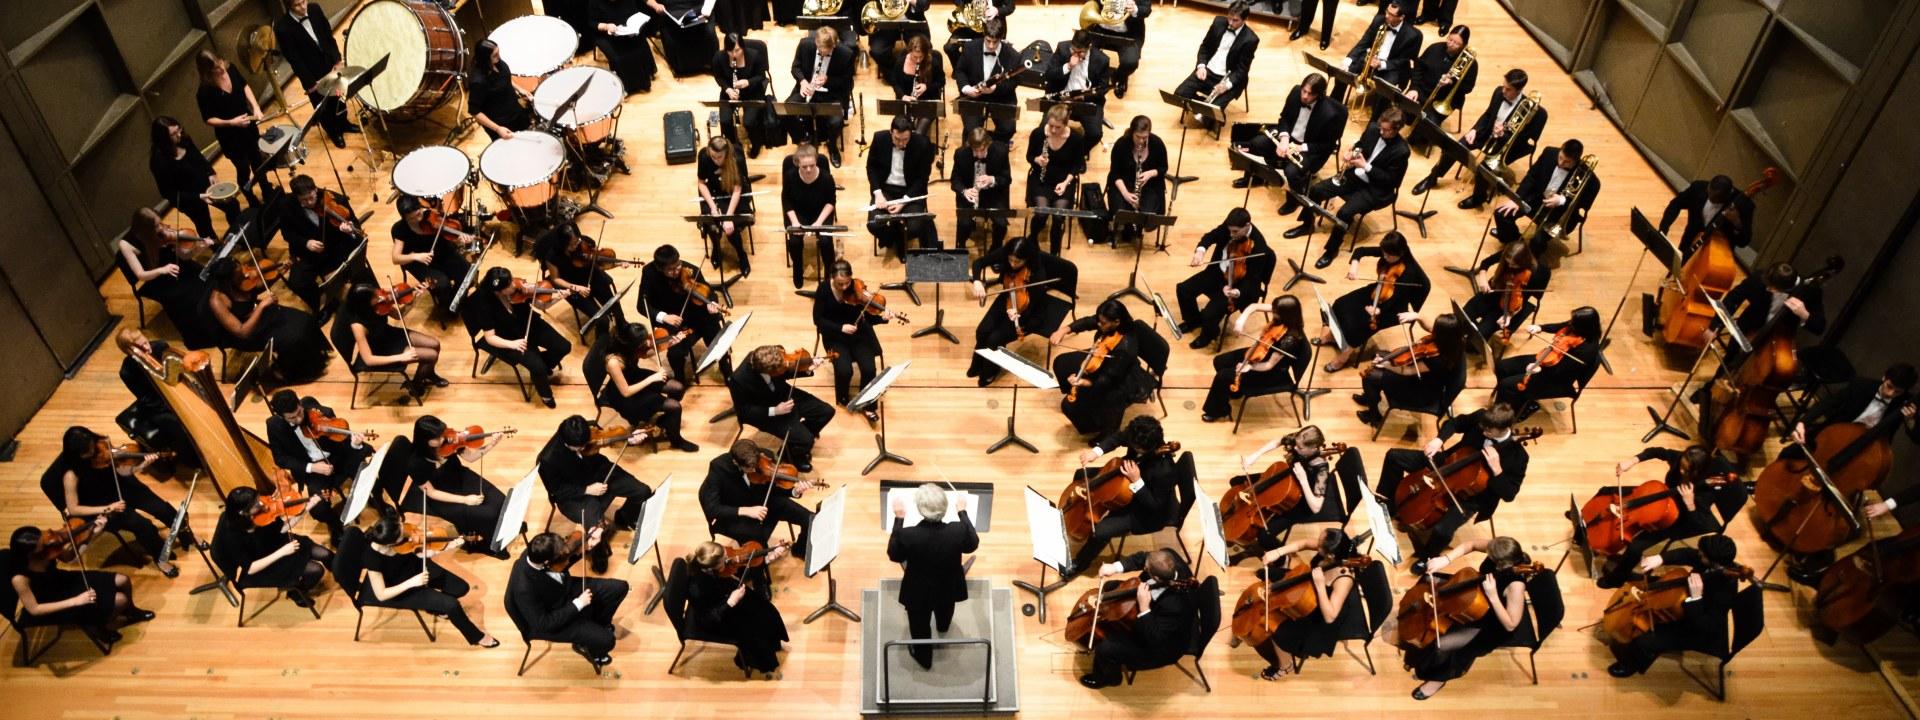 Cerebro de im Músico de Orquesta